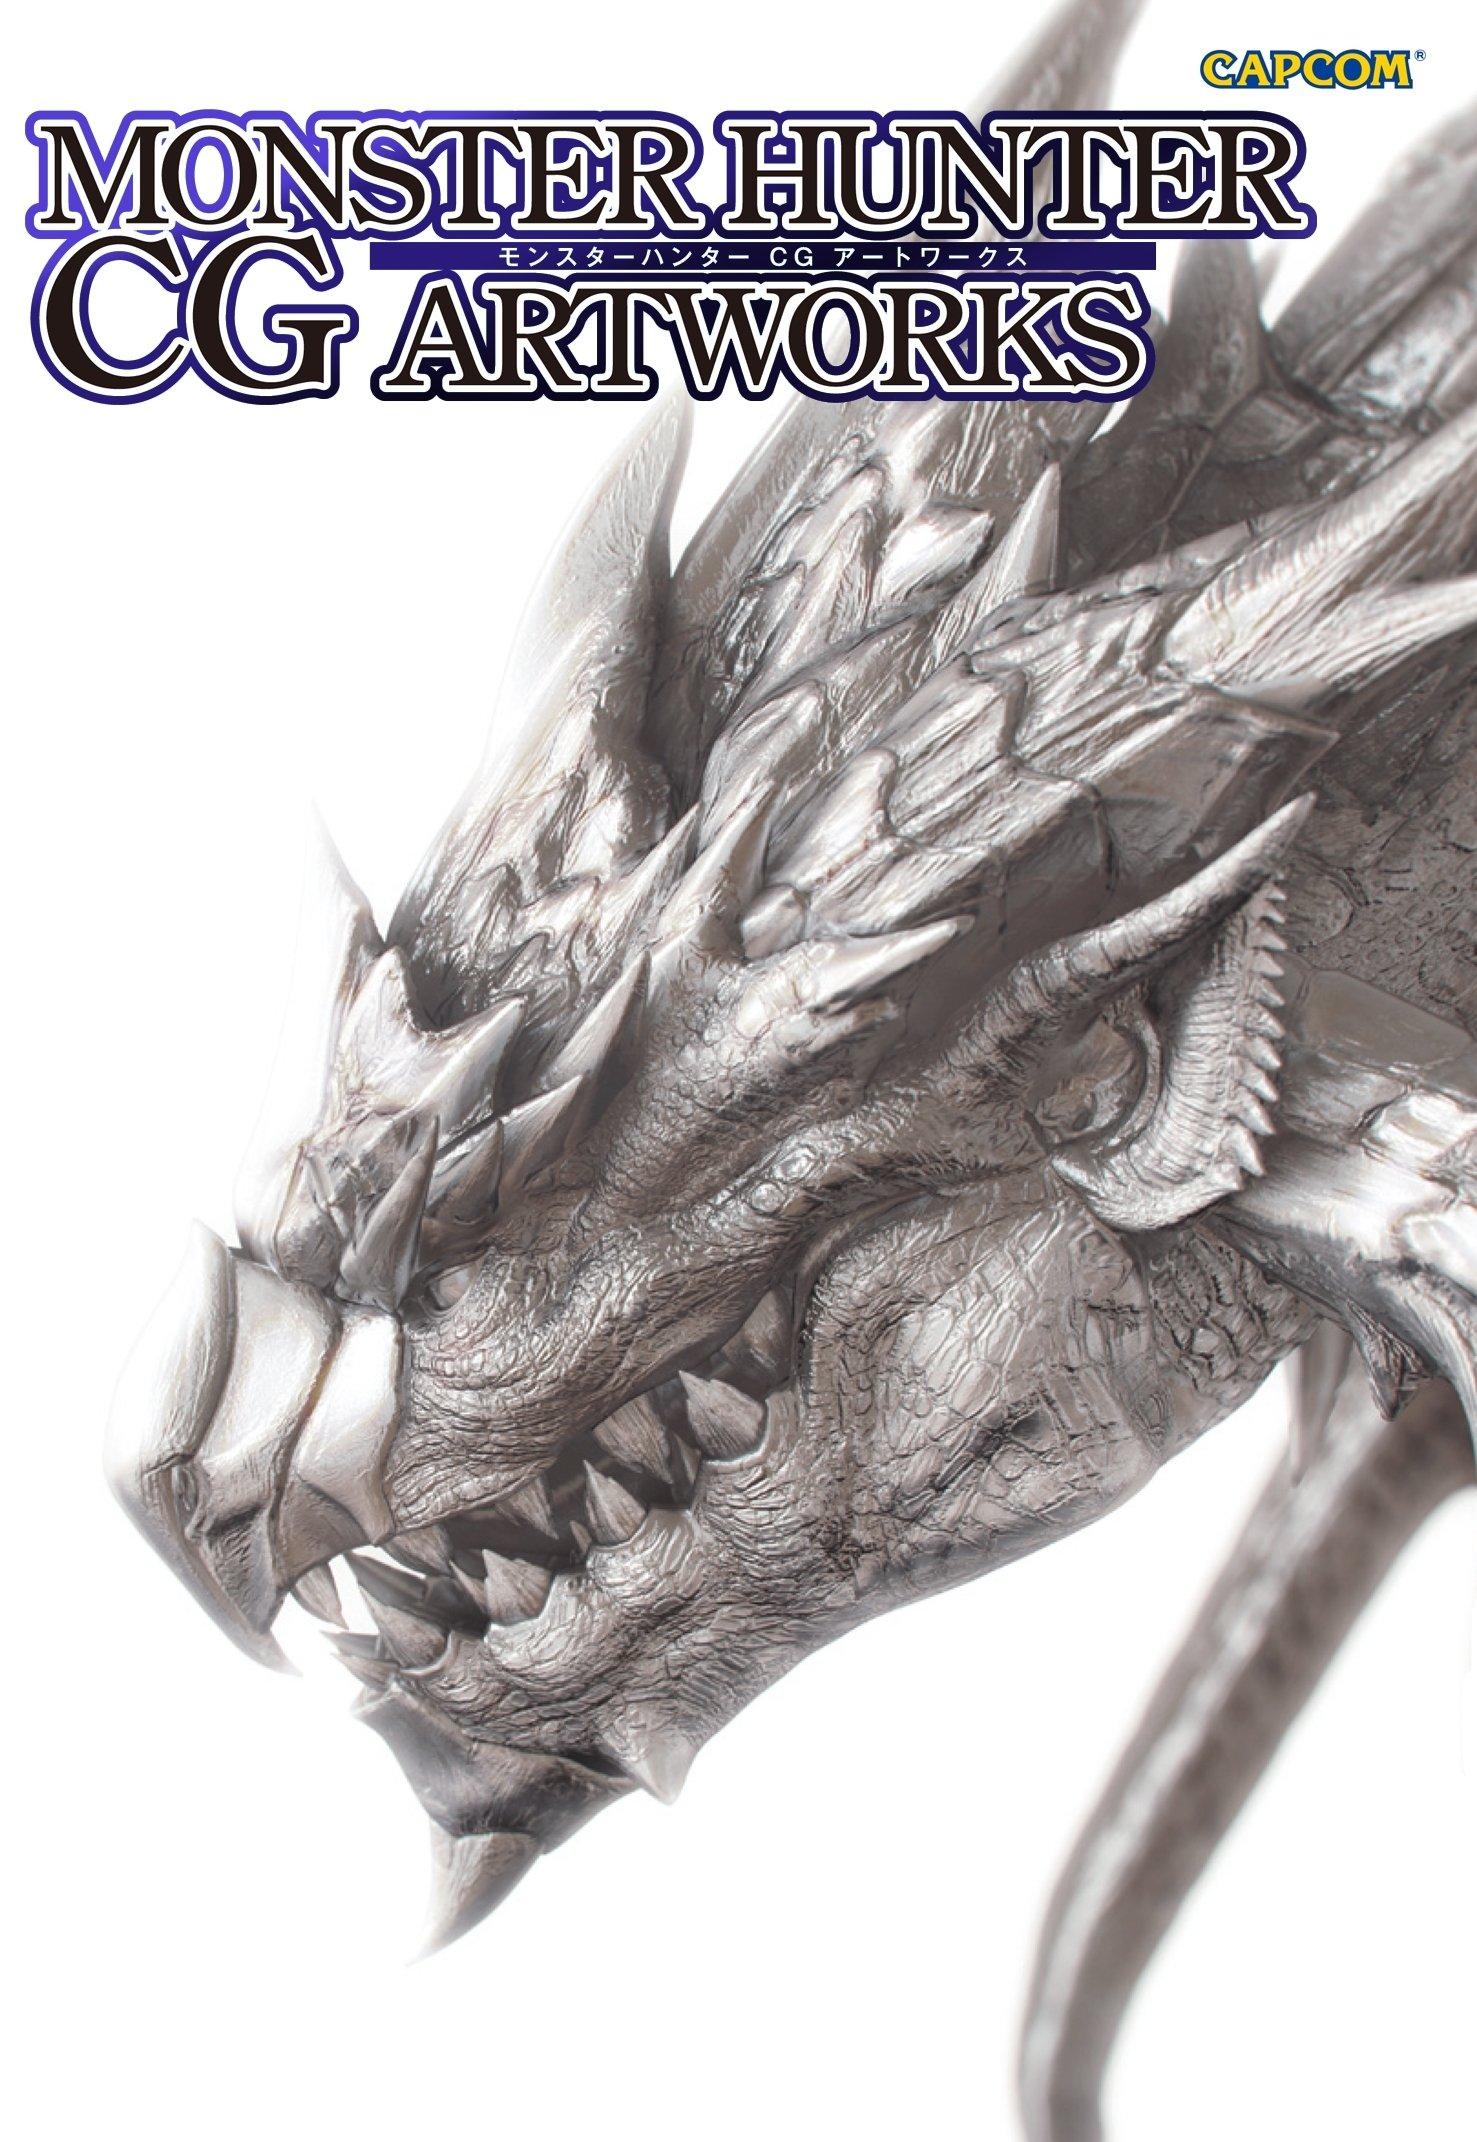 モンスターハンターCGアートワークス (Monster Hunter CG Artworks)